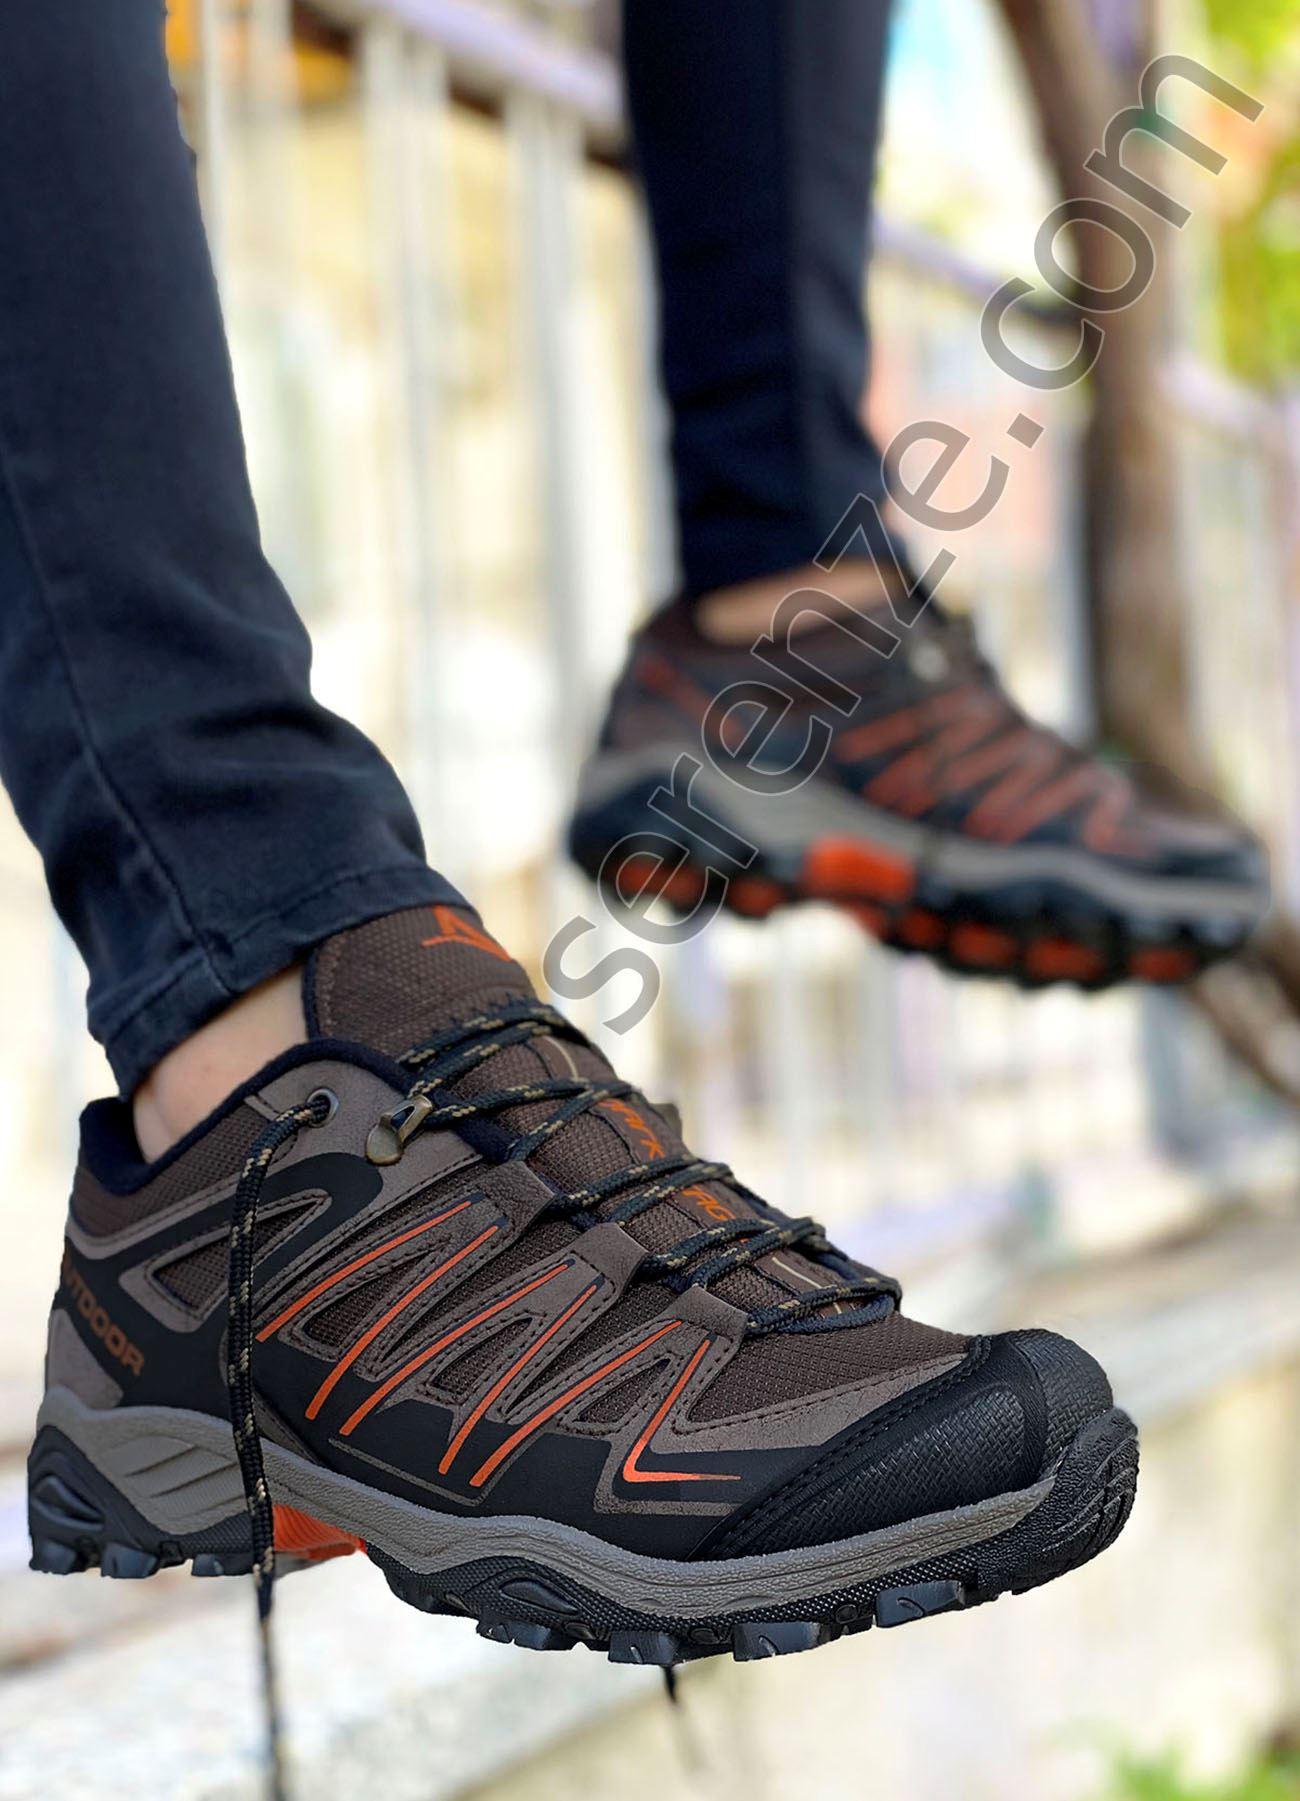 Kahve HardDuty Erkek Trekking Ayakkabı